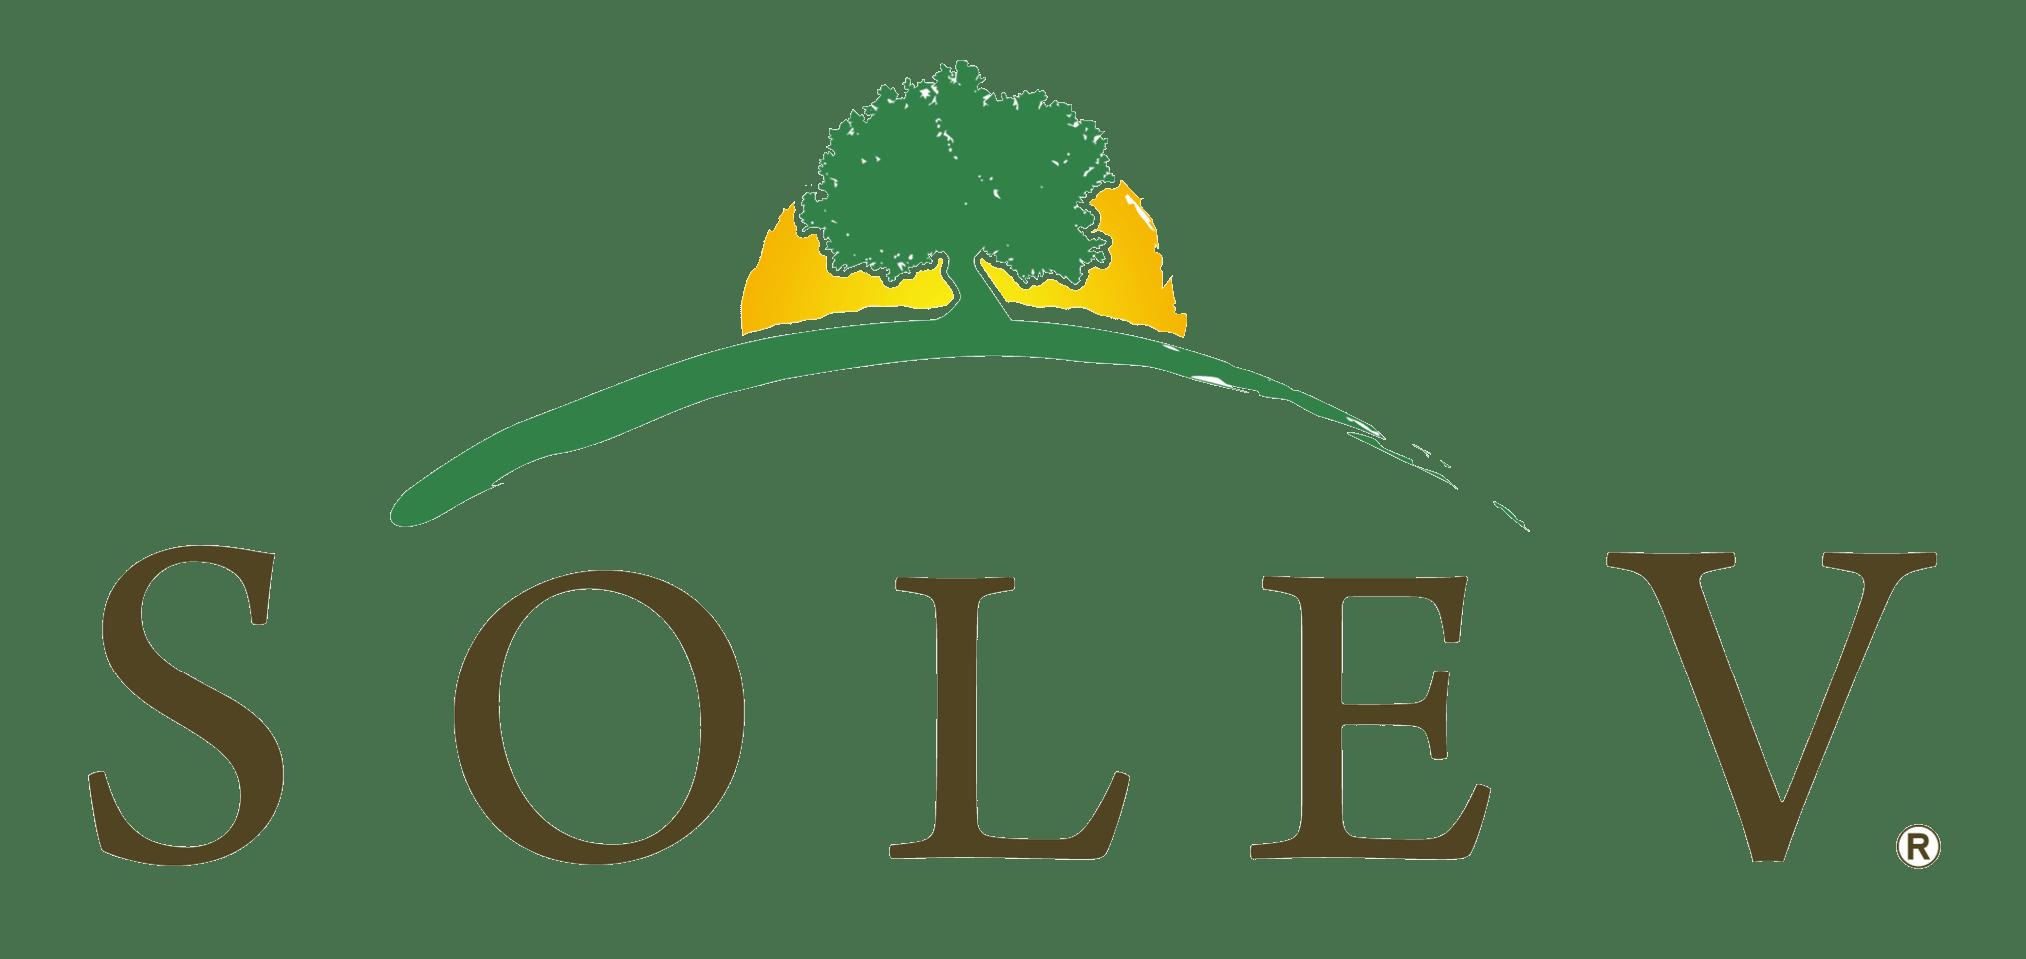 SOLEV - Aménagement & entretien d'espaces verts à Carpentras